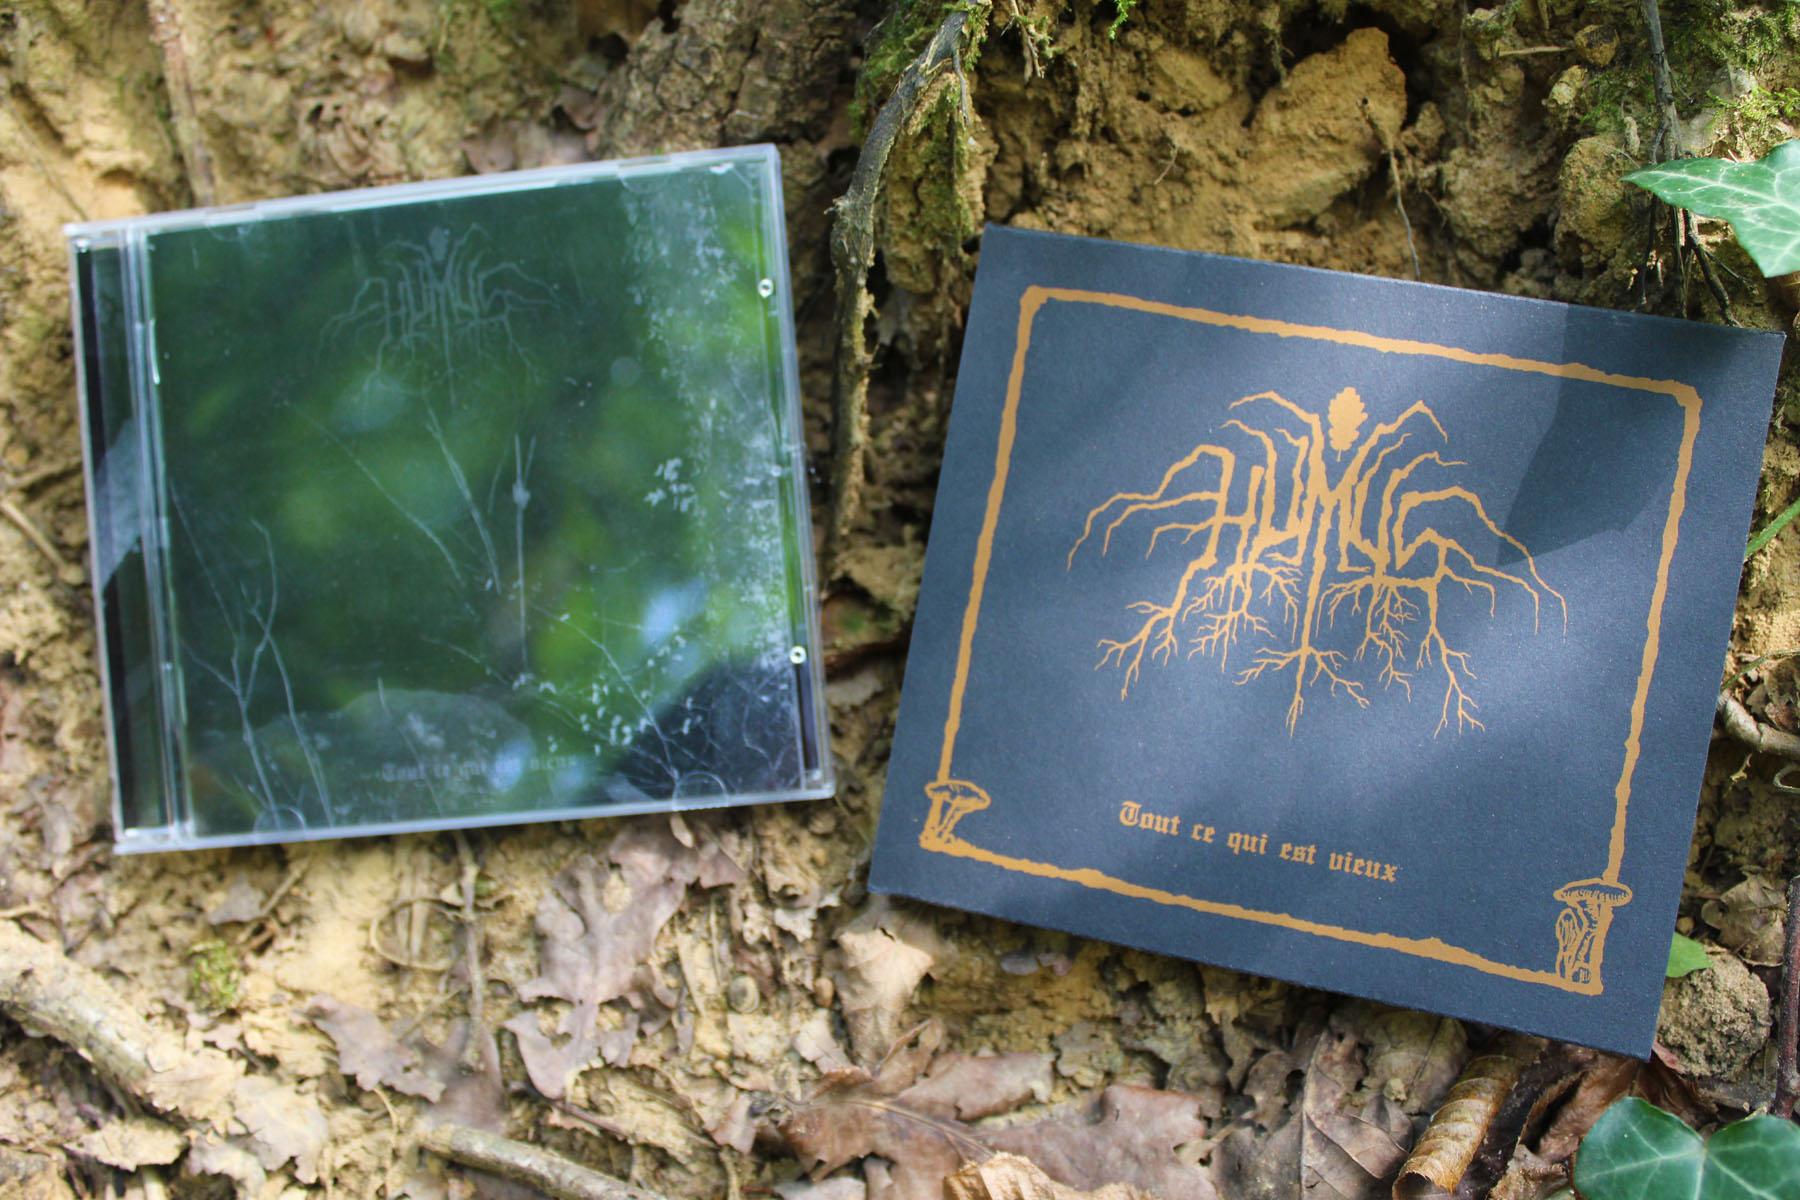 Tout ce qui est vieux CD + Fourreau